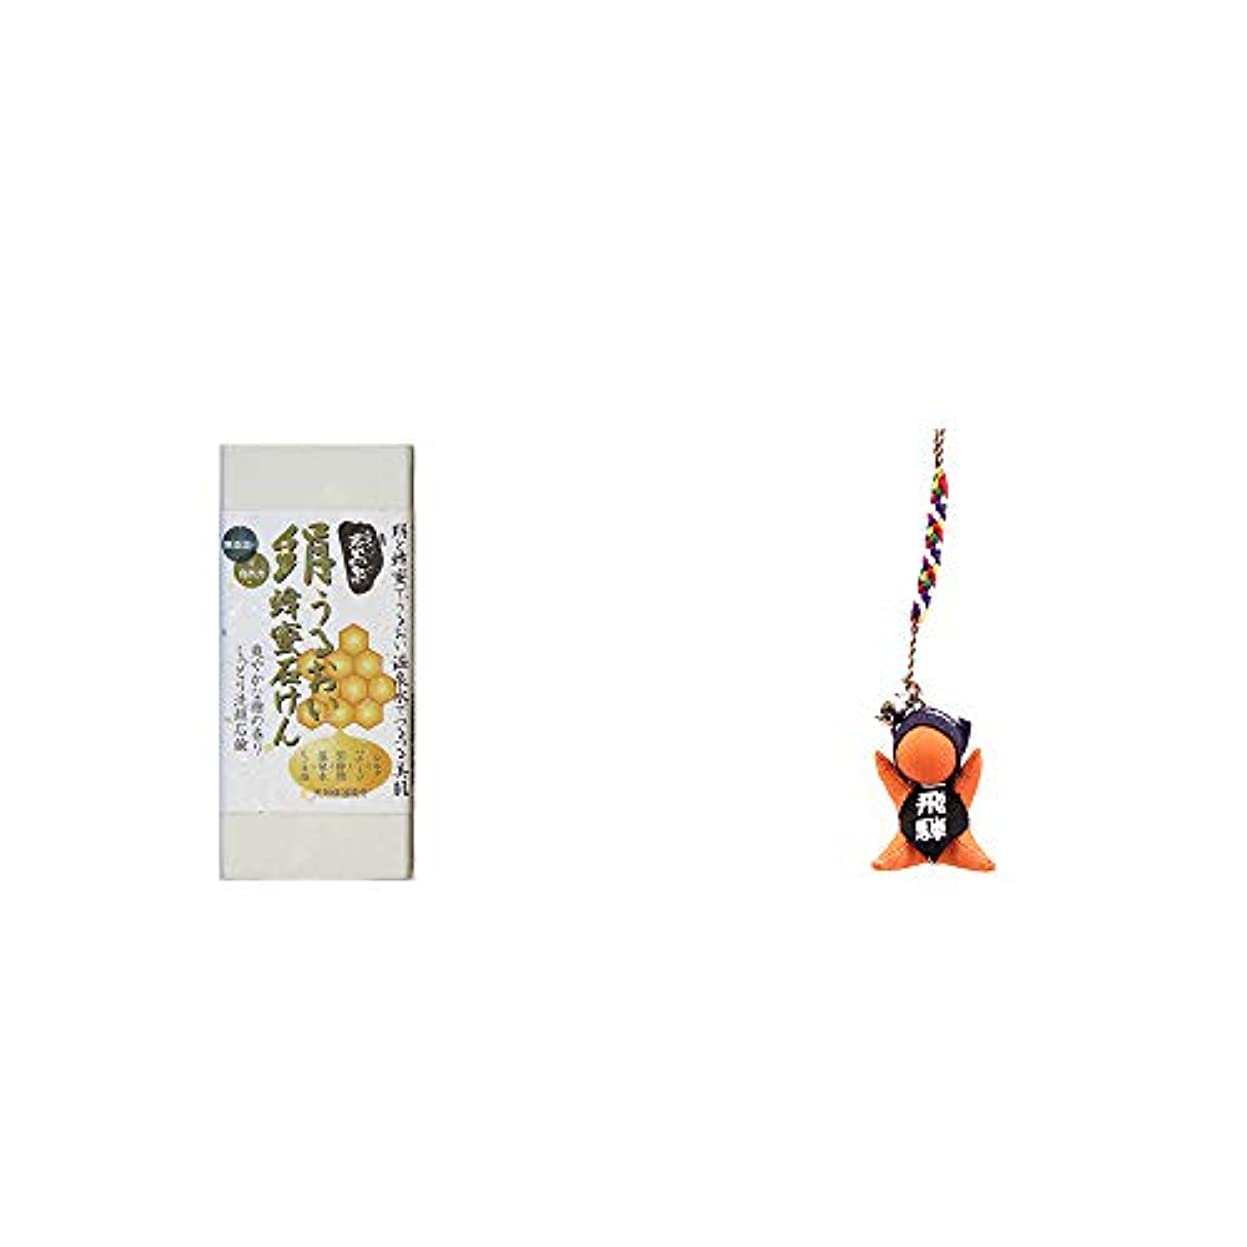 頑丈改善する切手[2点セット] ひのき炭黒泉 絹うるおい蜂蜜石けん(75g×2)?さるぼぼ根付【オレンジ】 / ストラップ 縁結び?魔除け //